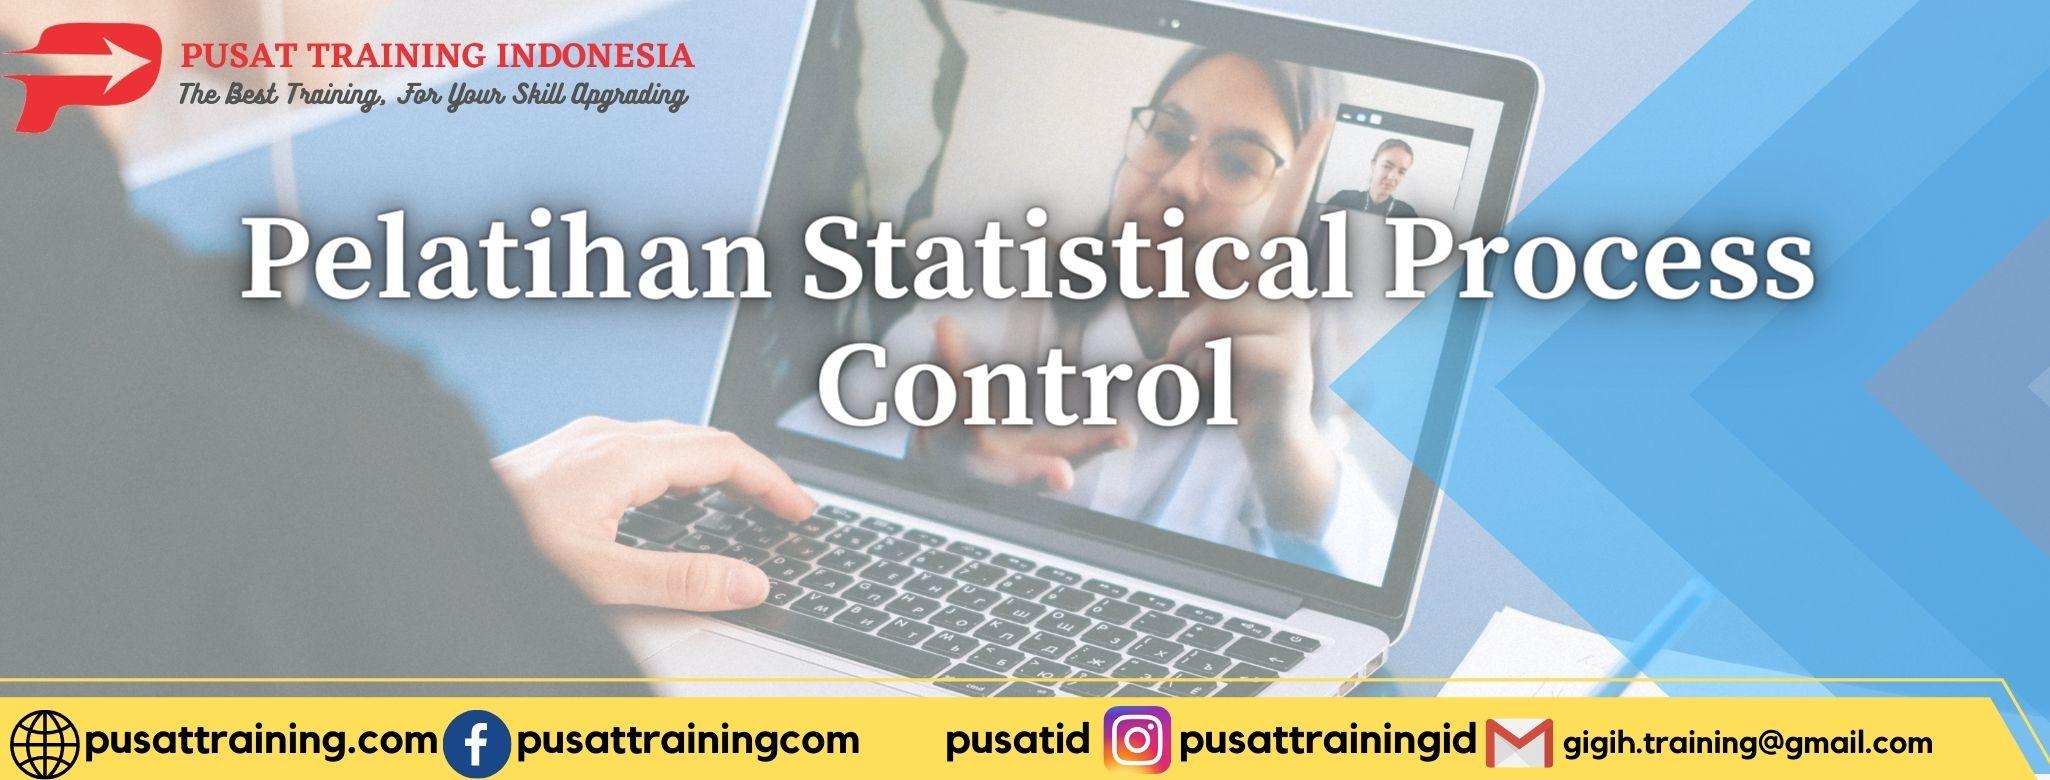 Pelatihan-Statistical-Process-Control